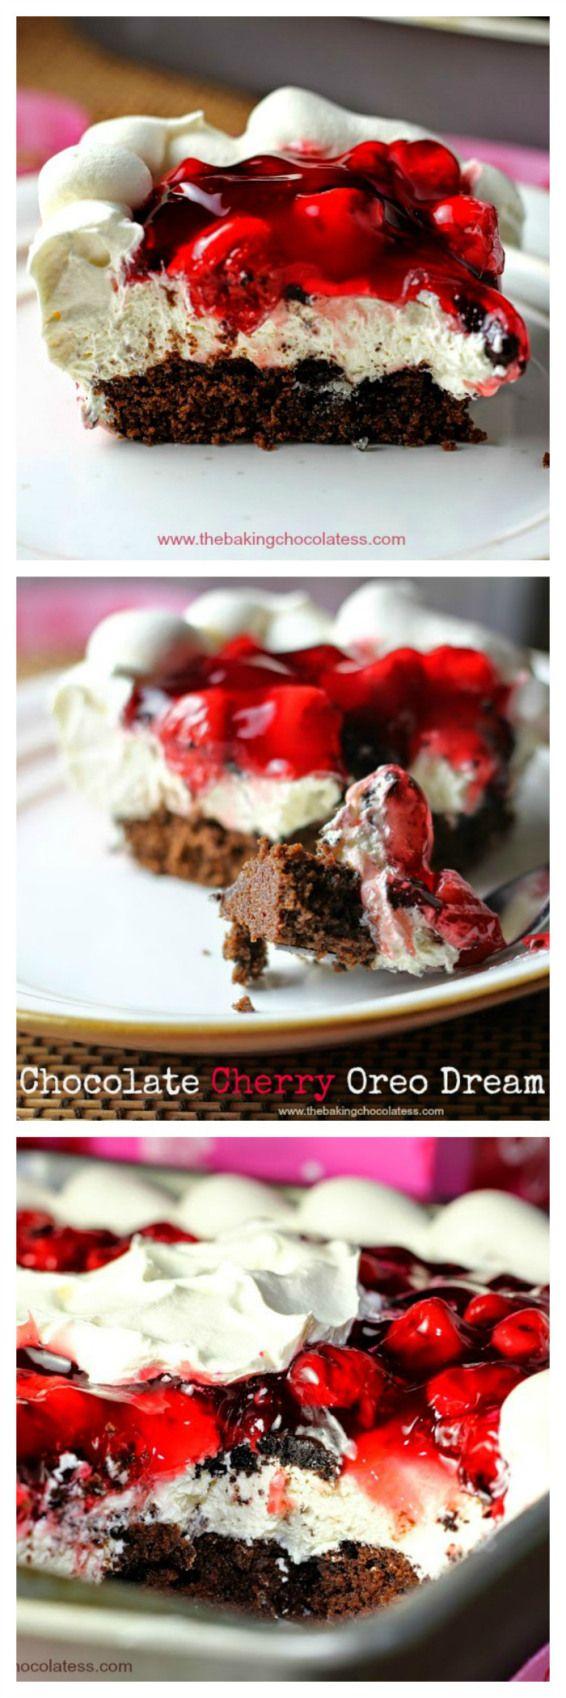 Chocolate Cherry Oreo Dream Dessert – The Baking ChocolaTess